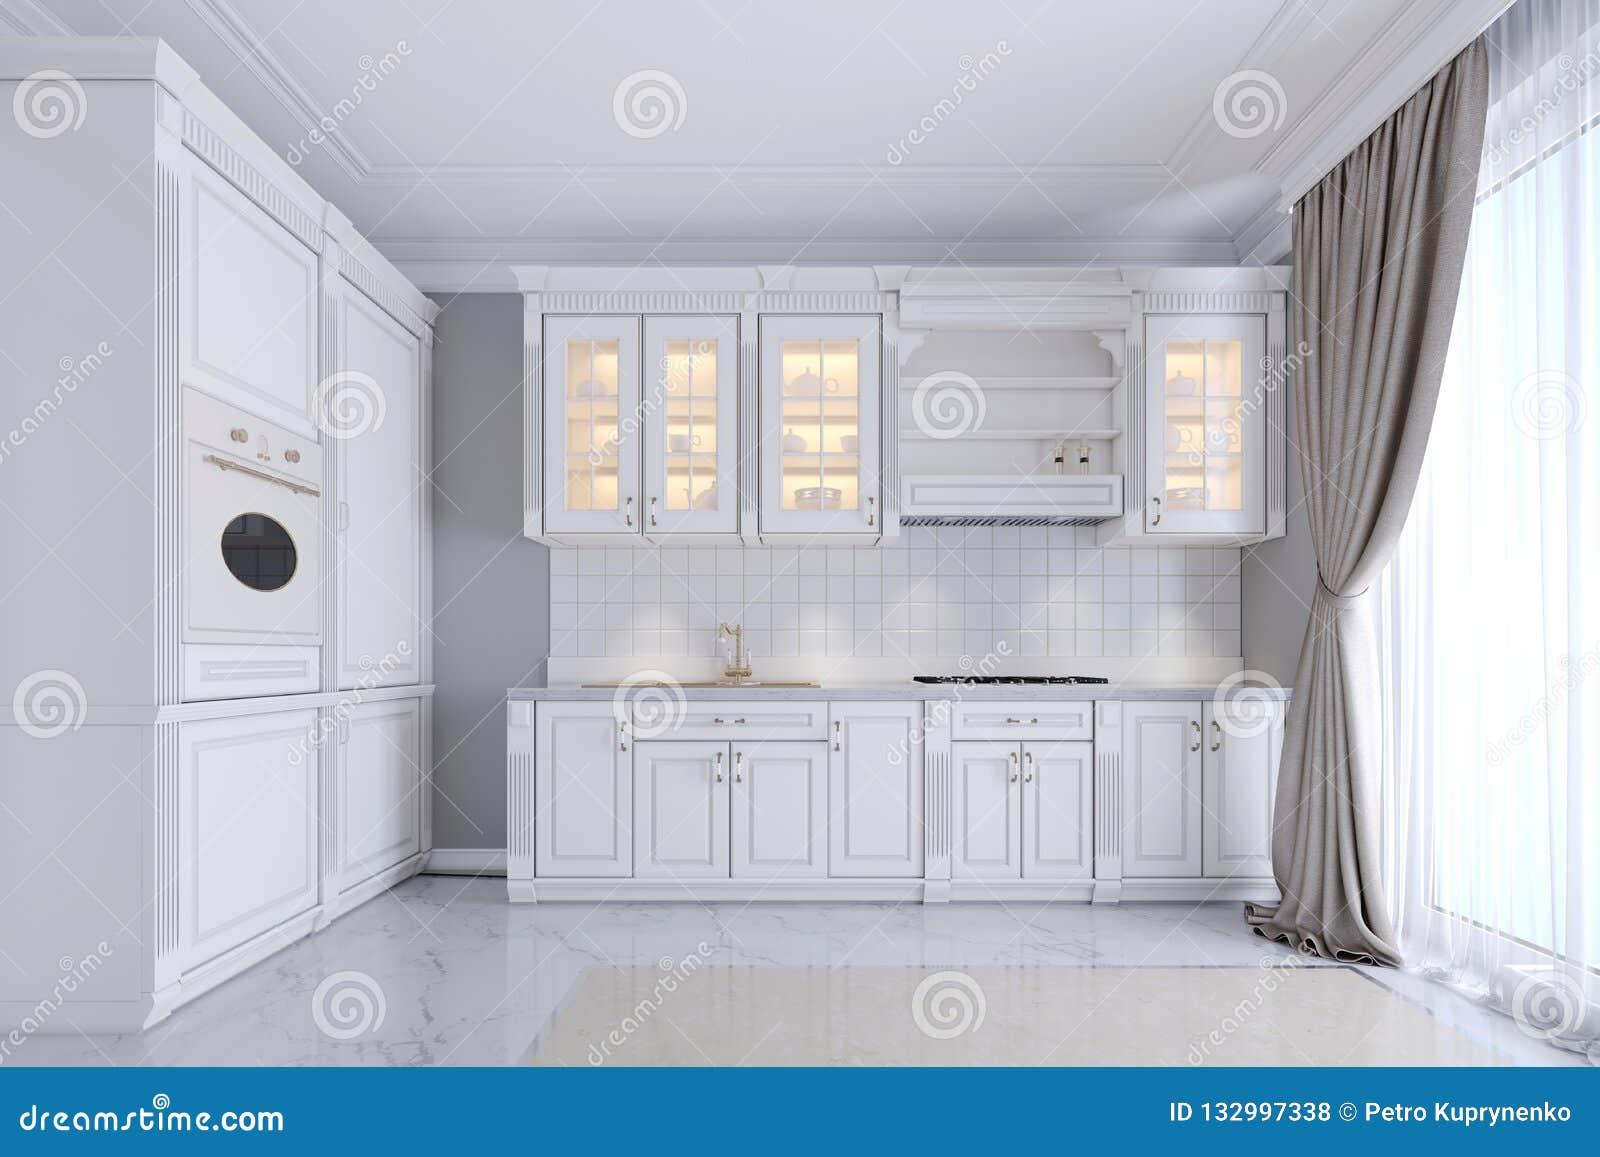 Cuisine Blanche Mur Coloré cuisine blanche dans un style classique, intérieur modernes